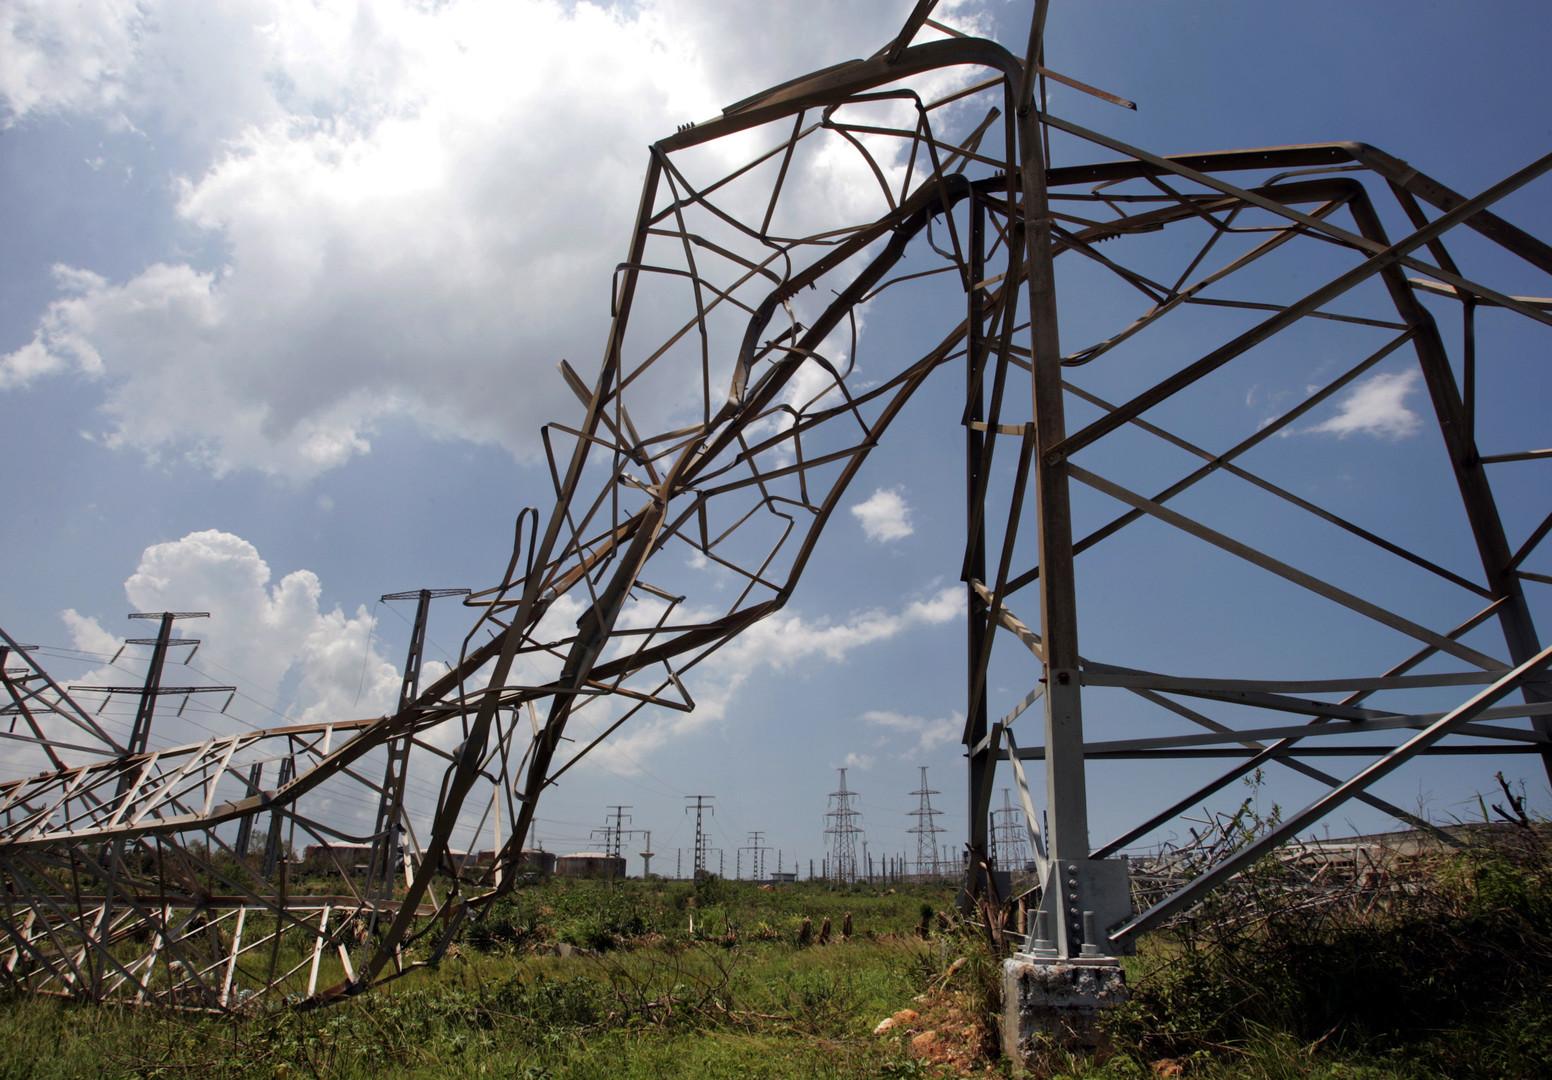 العقوبات الأمريكية تدفع كوبا لتقليص توليد الكهرباء